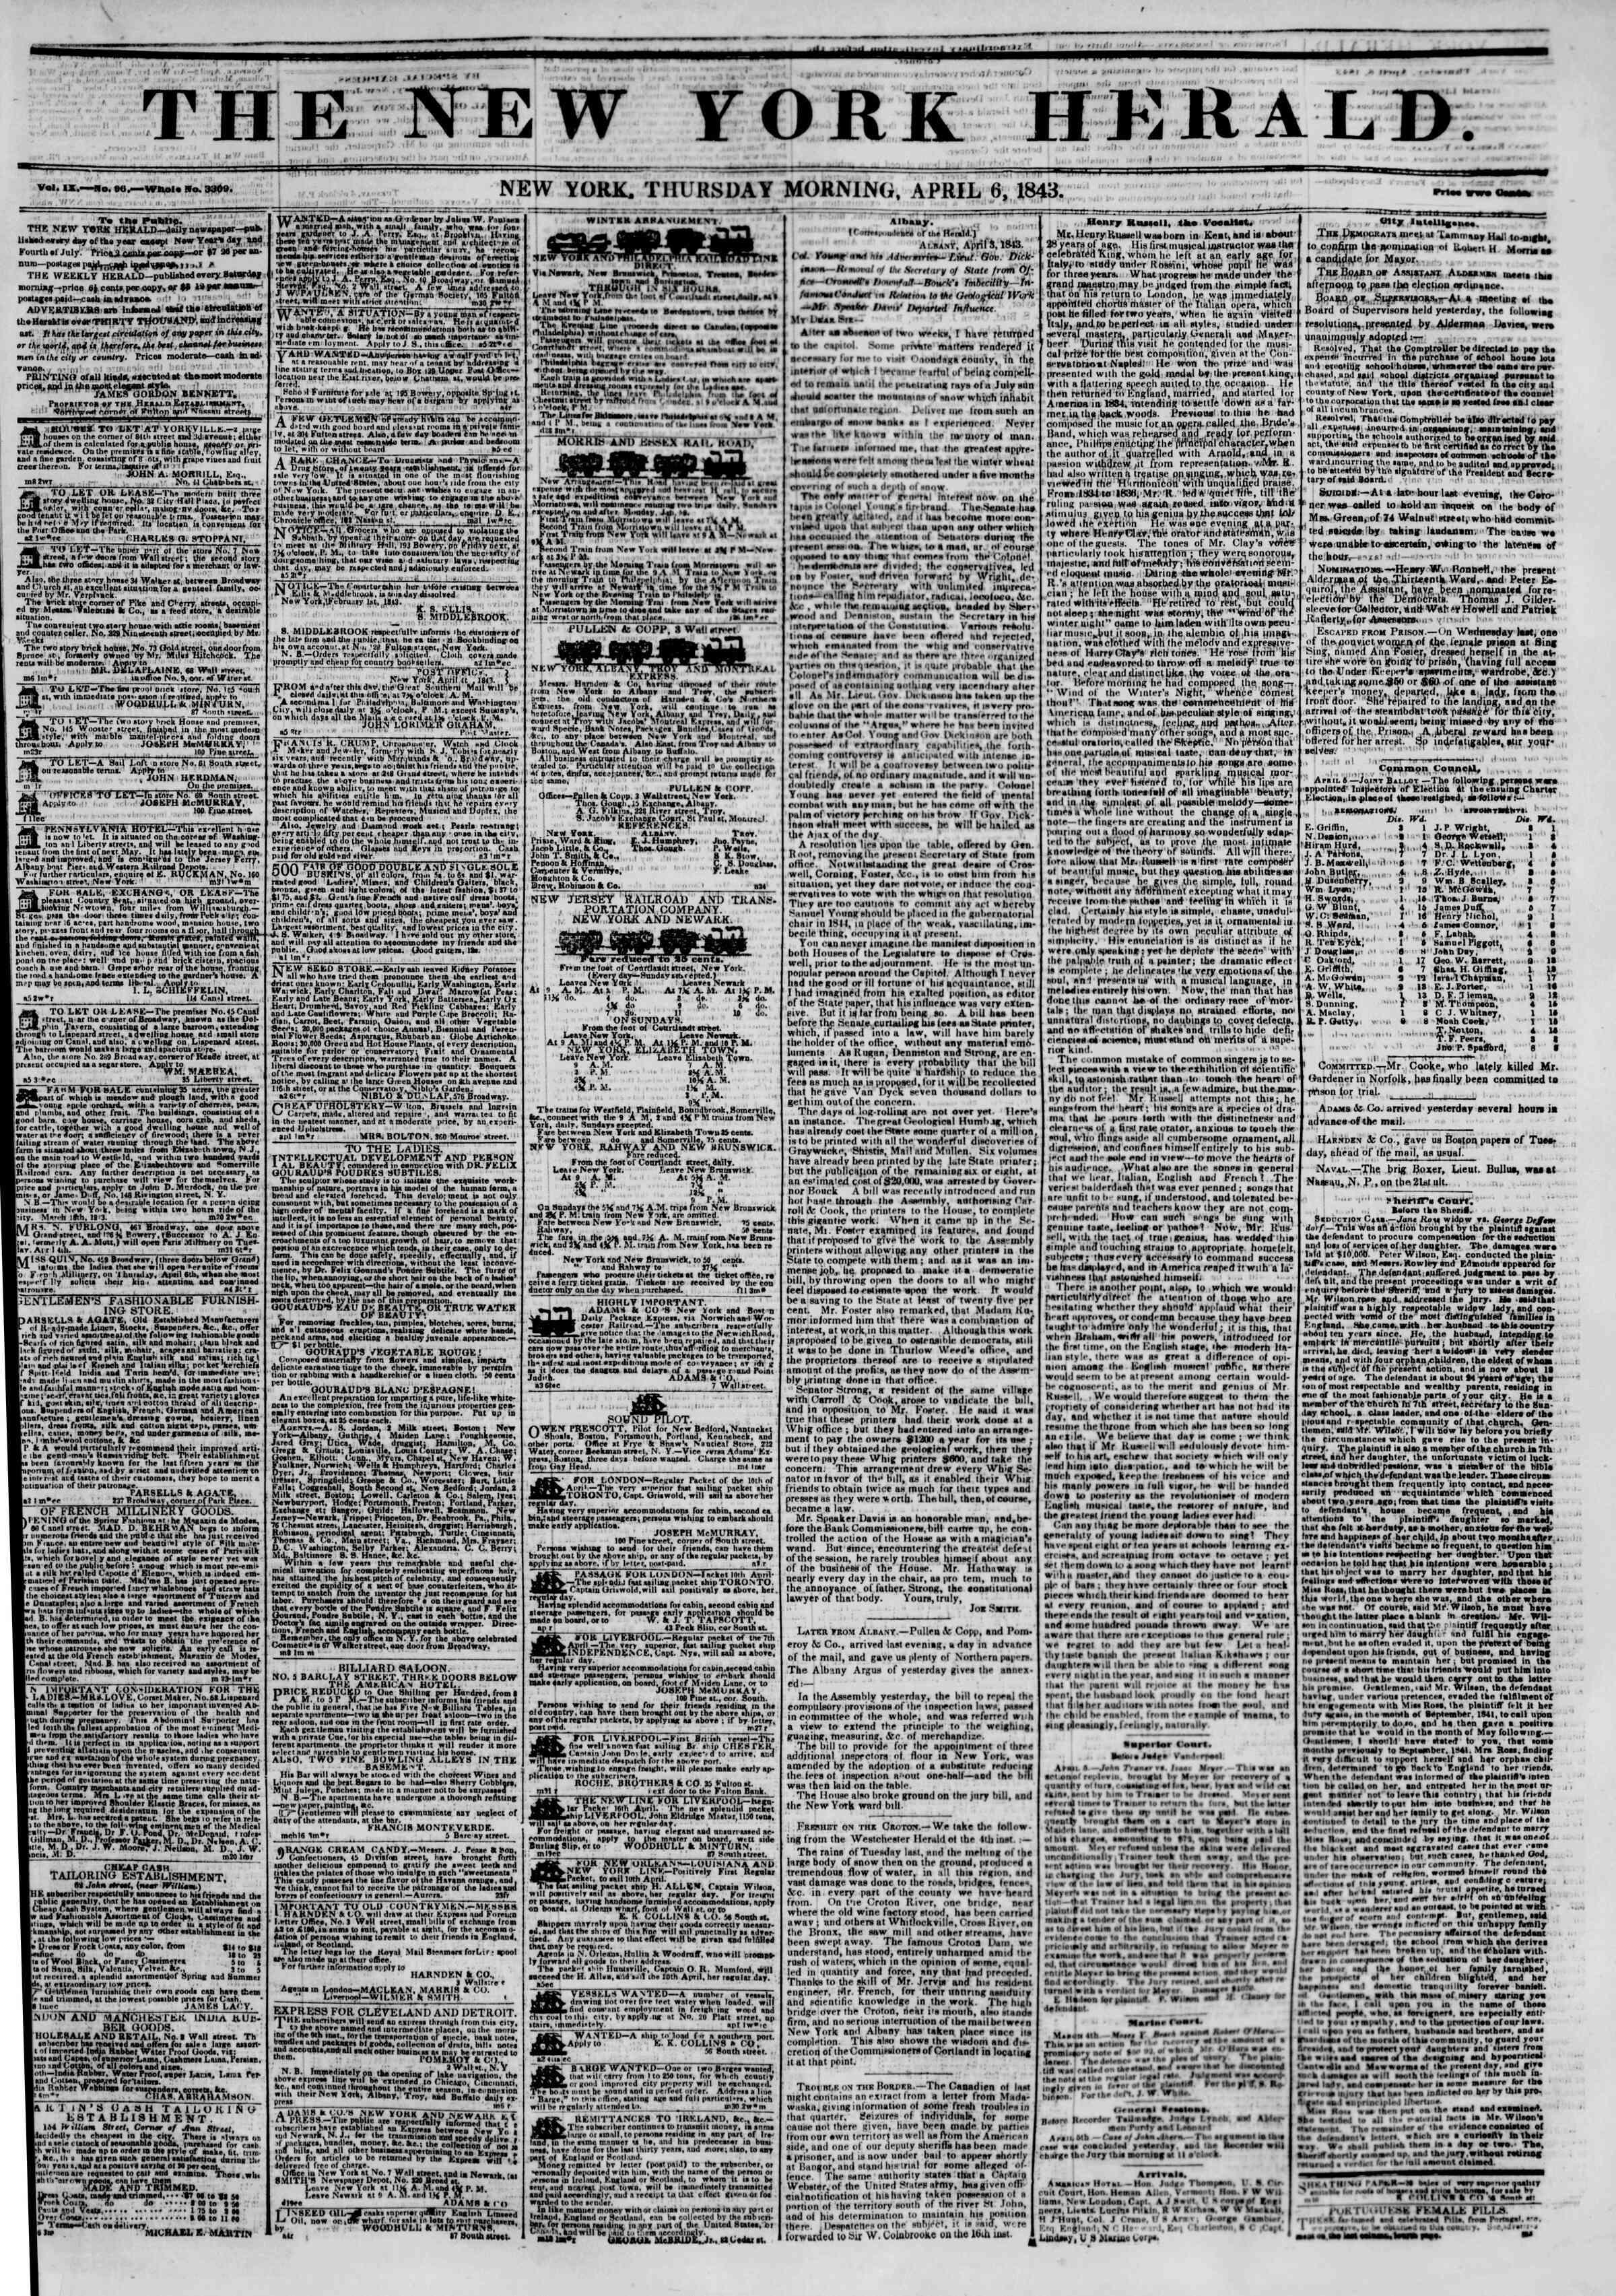 April 6, 1843 Tarihli The New York Herald Gazetesi Sayfa 1